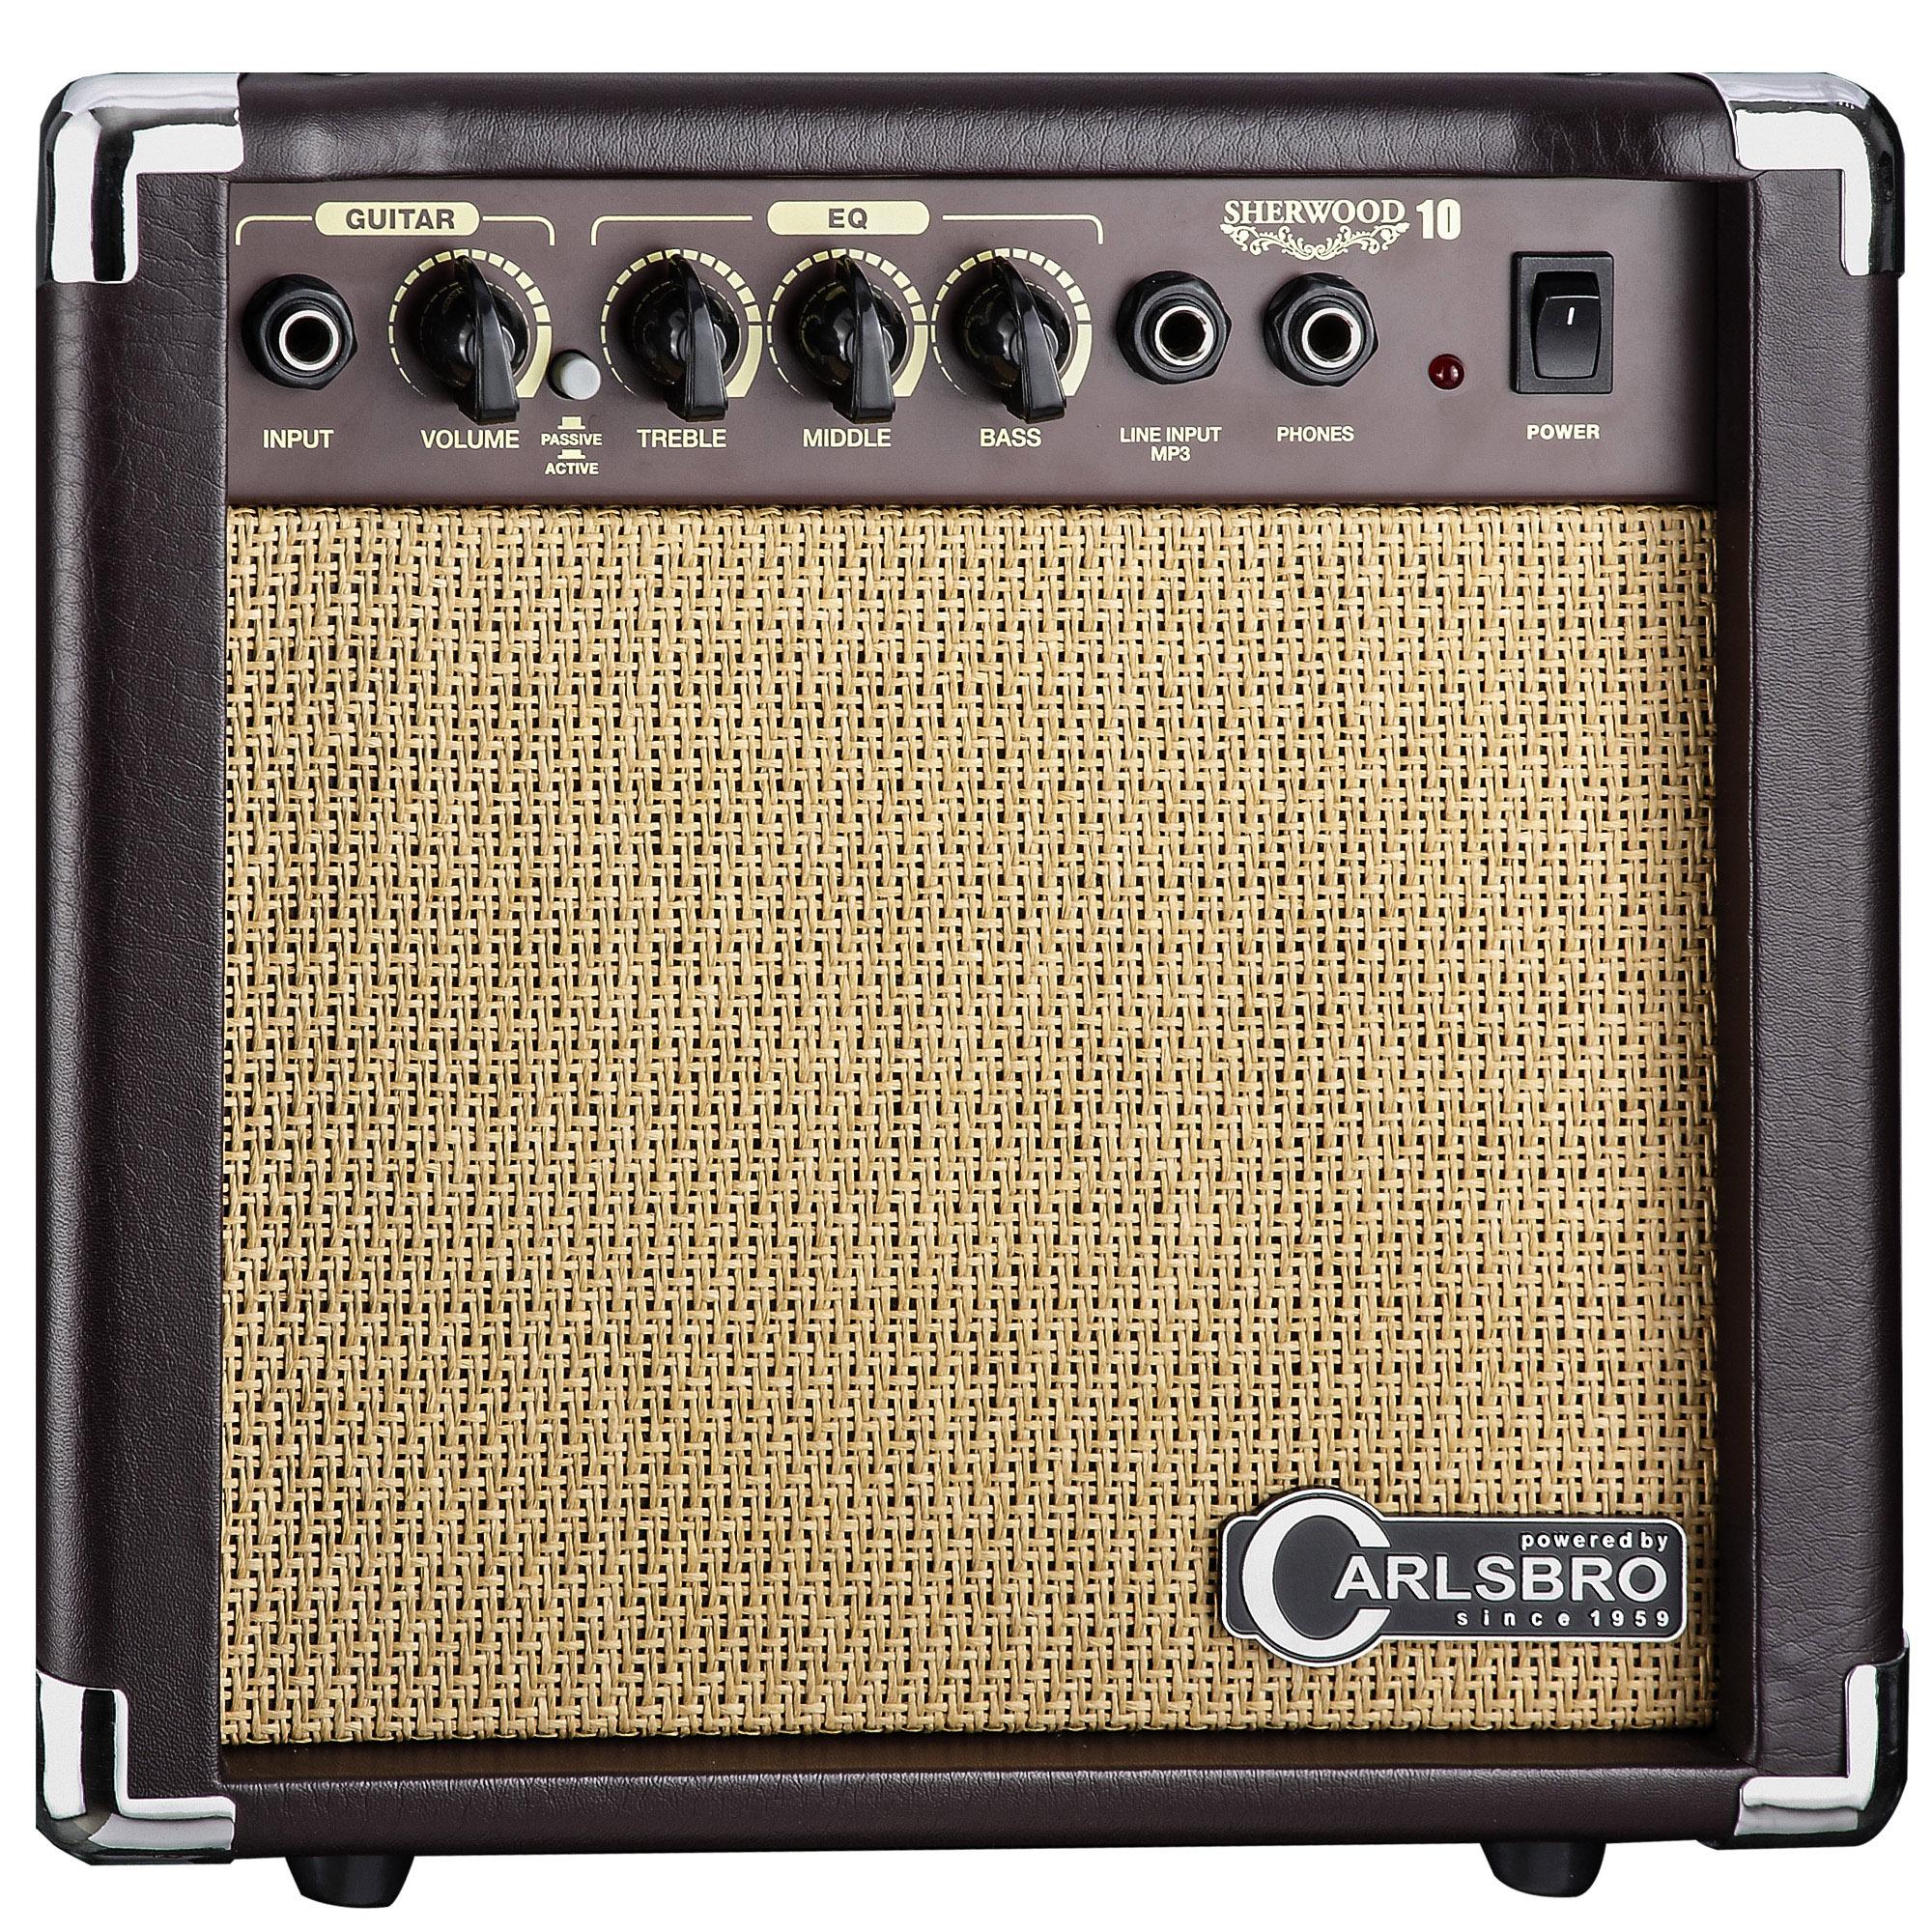 CARLSBRO SHERWOOD10 10W Acoustic Guitar Amp